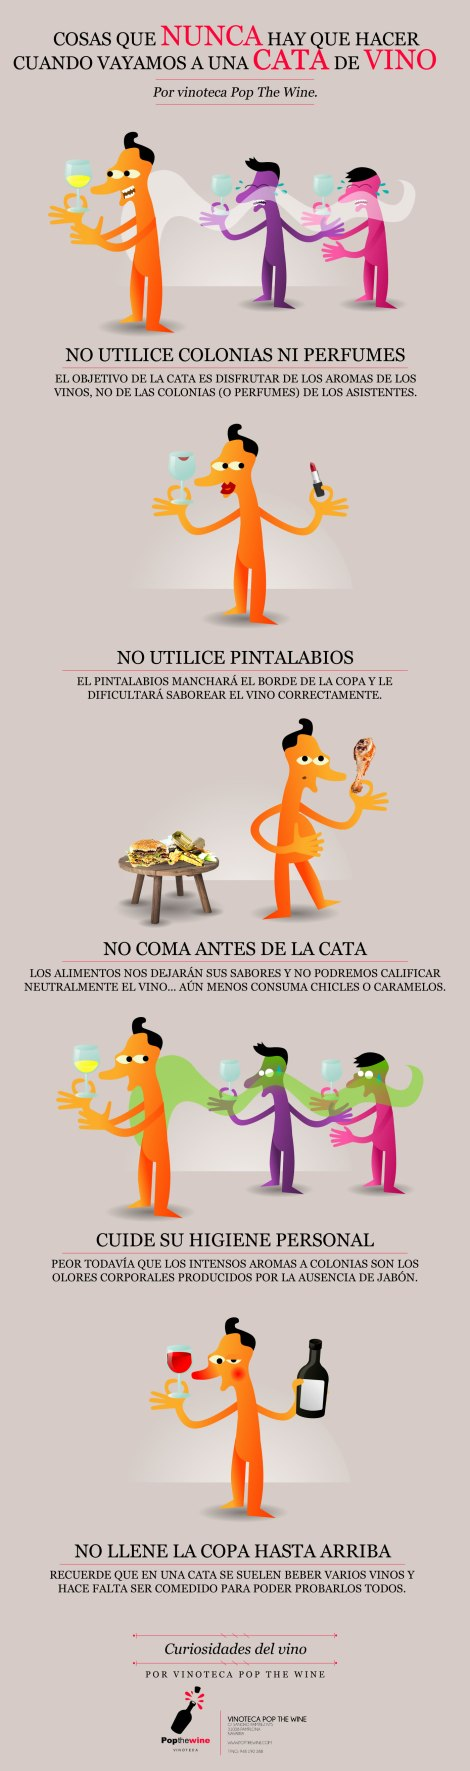 curiosidades_del_vino_cosas_que_no_hacer_en_una_cata